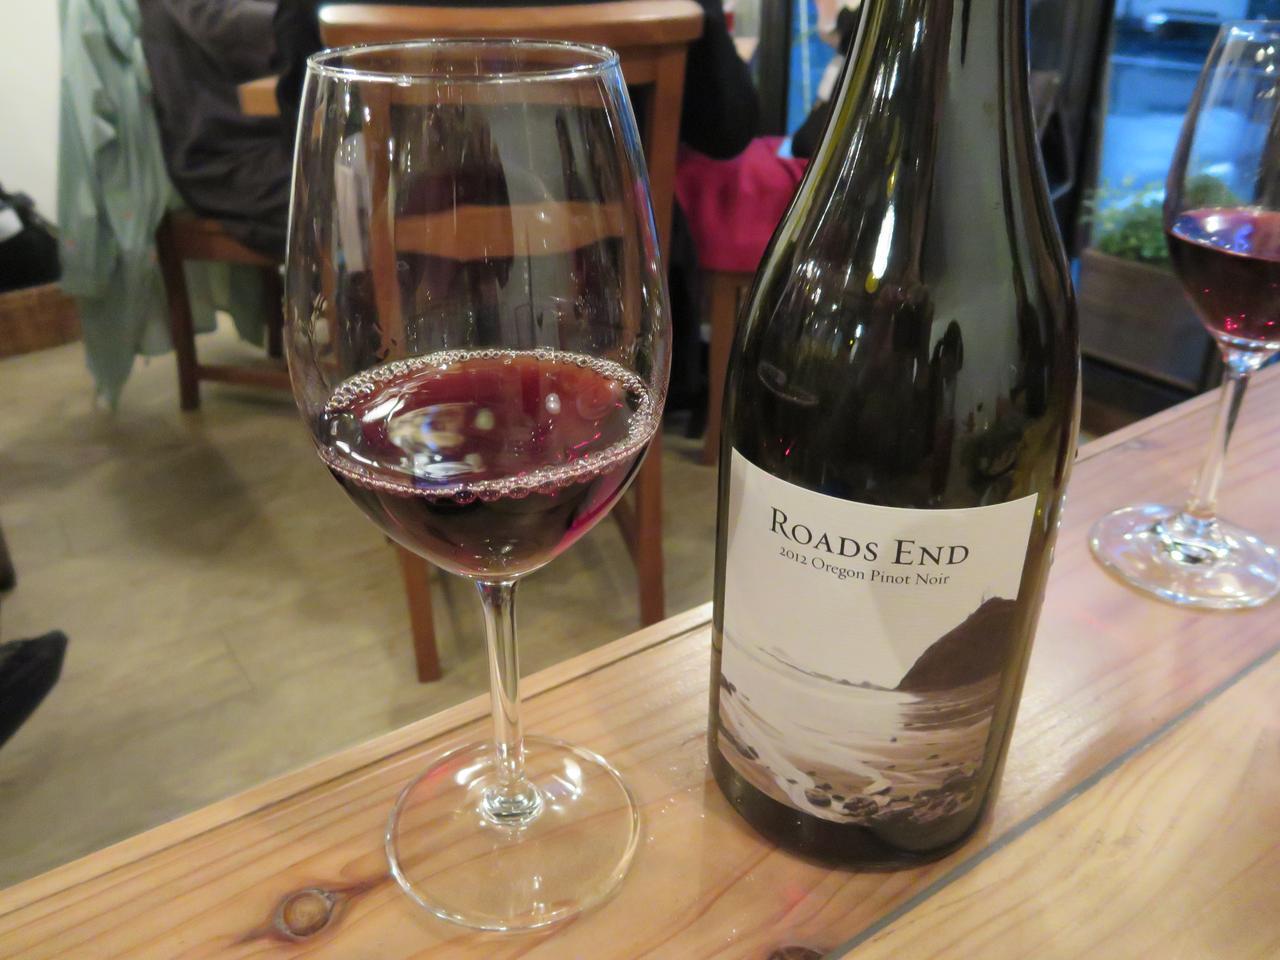 画像: オレゴンワイン ROADS END ボトル9,000円(税抜)